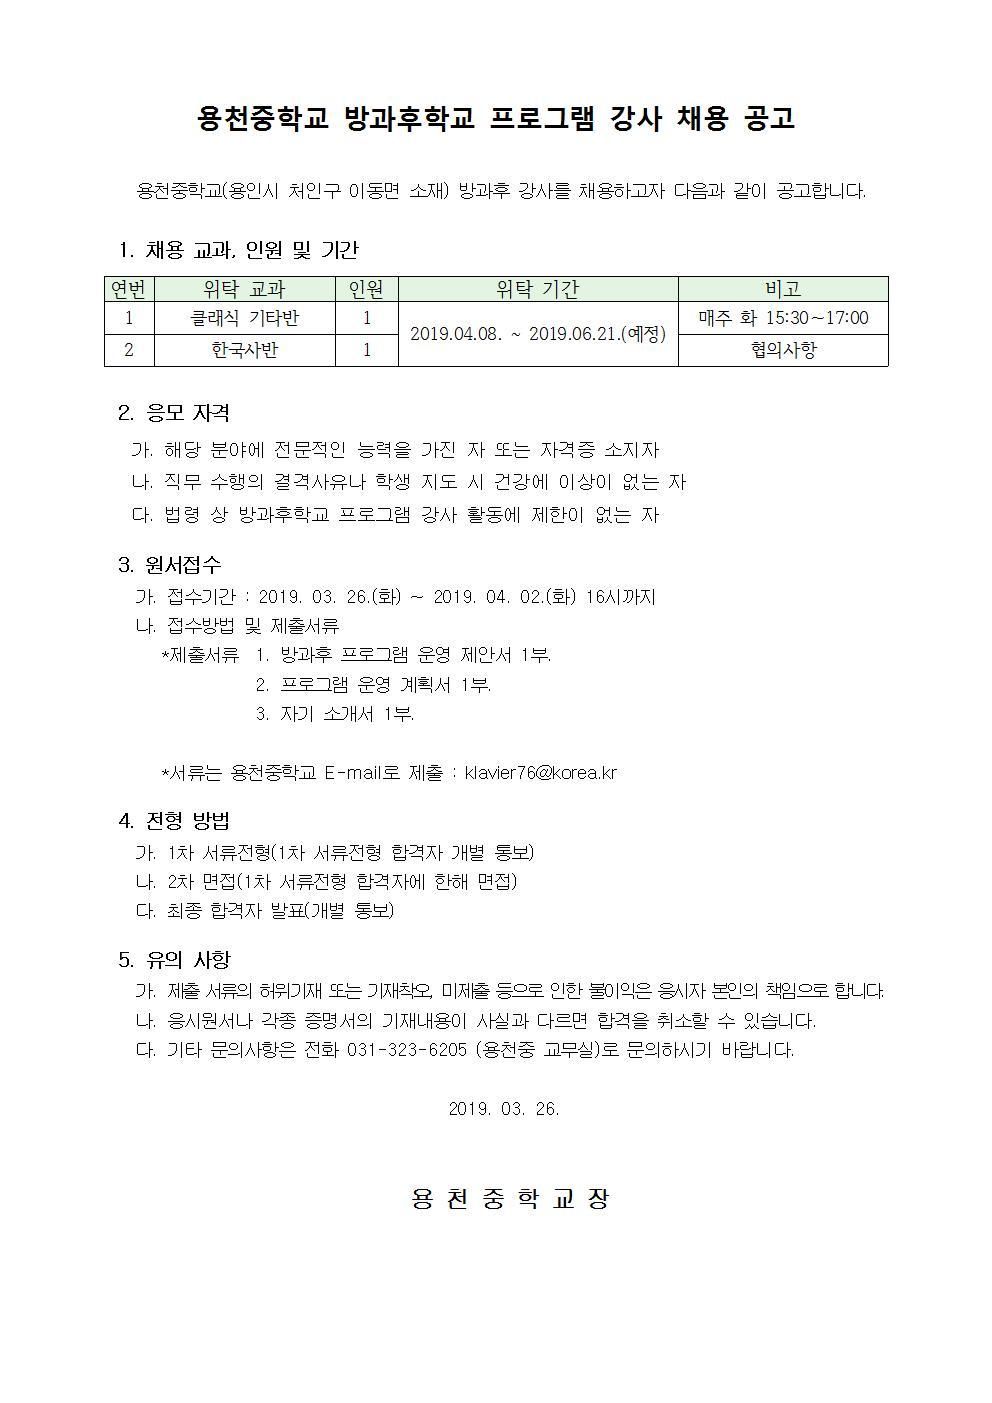 2019 방과후학교 프로그램 강사채용 공고문001.jpg